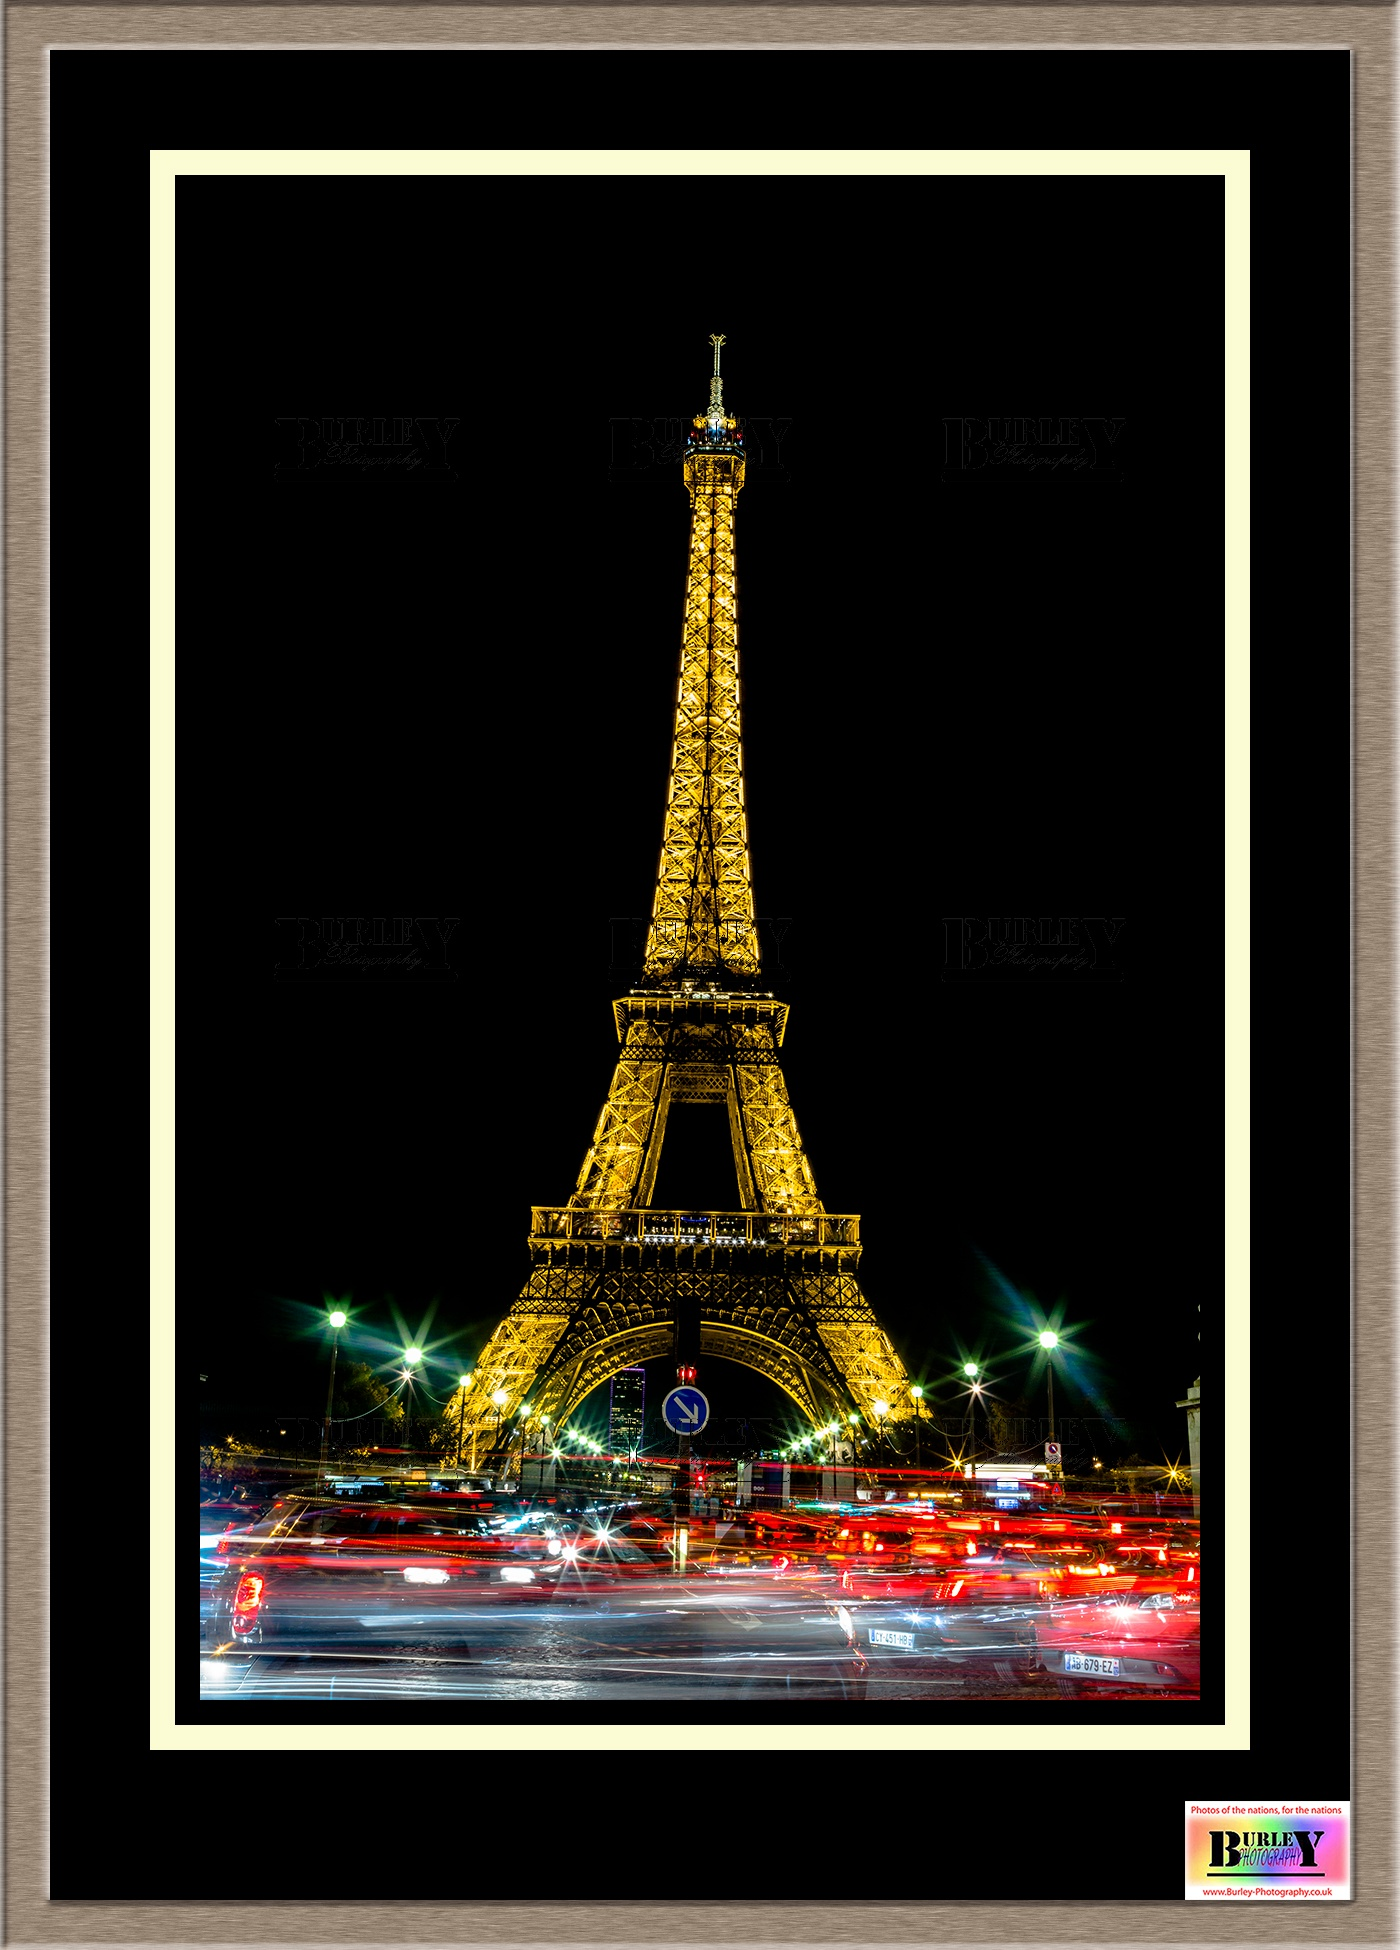 Eiffel Tower at Night by Craig Burley